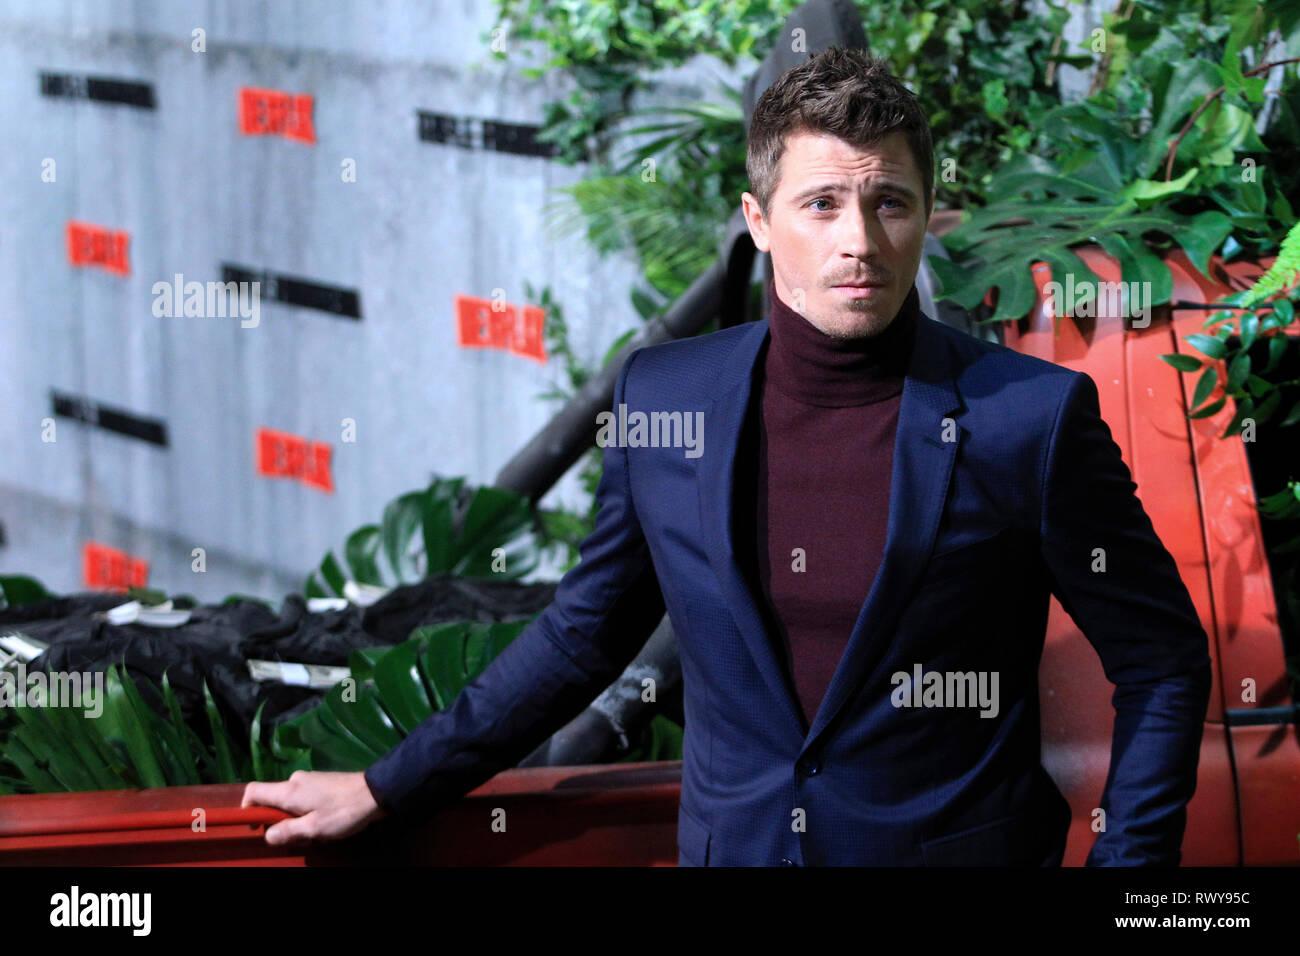 Garrett Hedlund alla premiere del film di Netflix 'Triple frontera / Triple frontiera' Cine a Callao. Madrid, 06.03.2019 | Utilizzo di tutto il mondo Immagini Stock